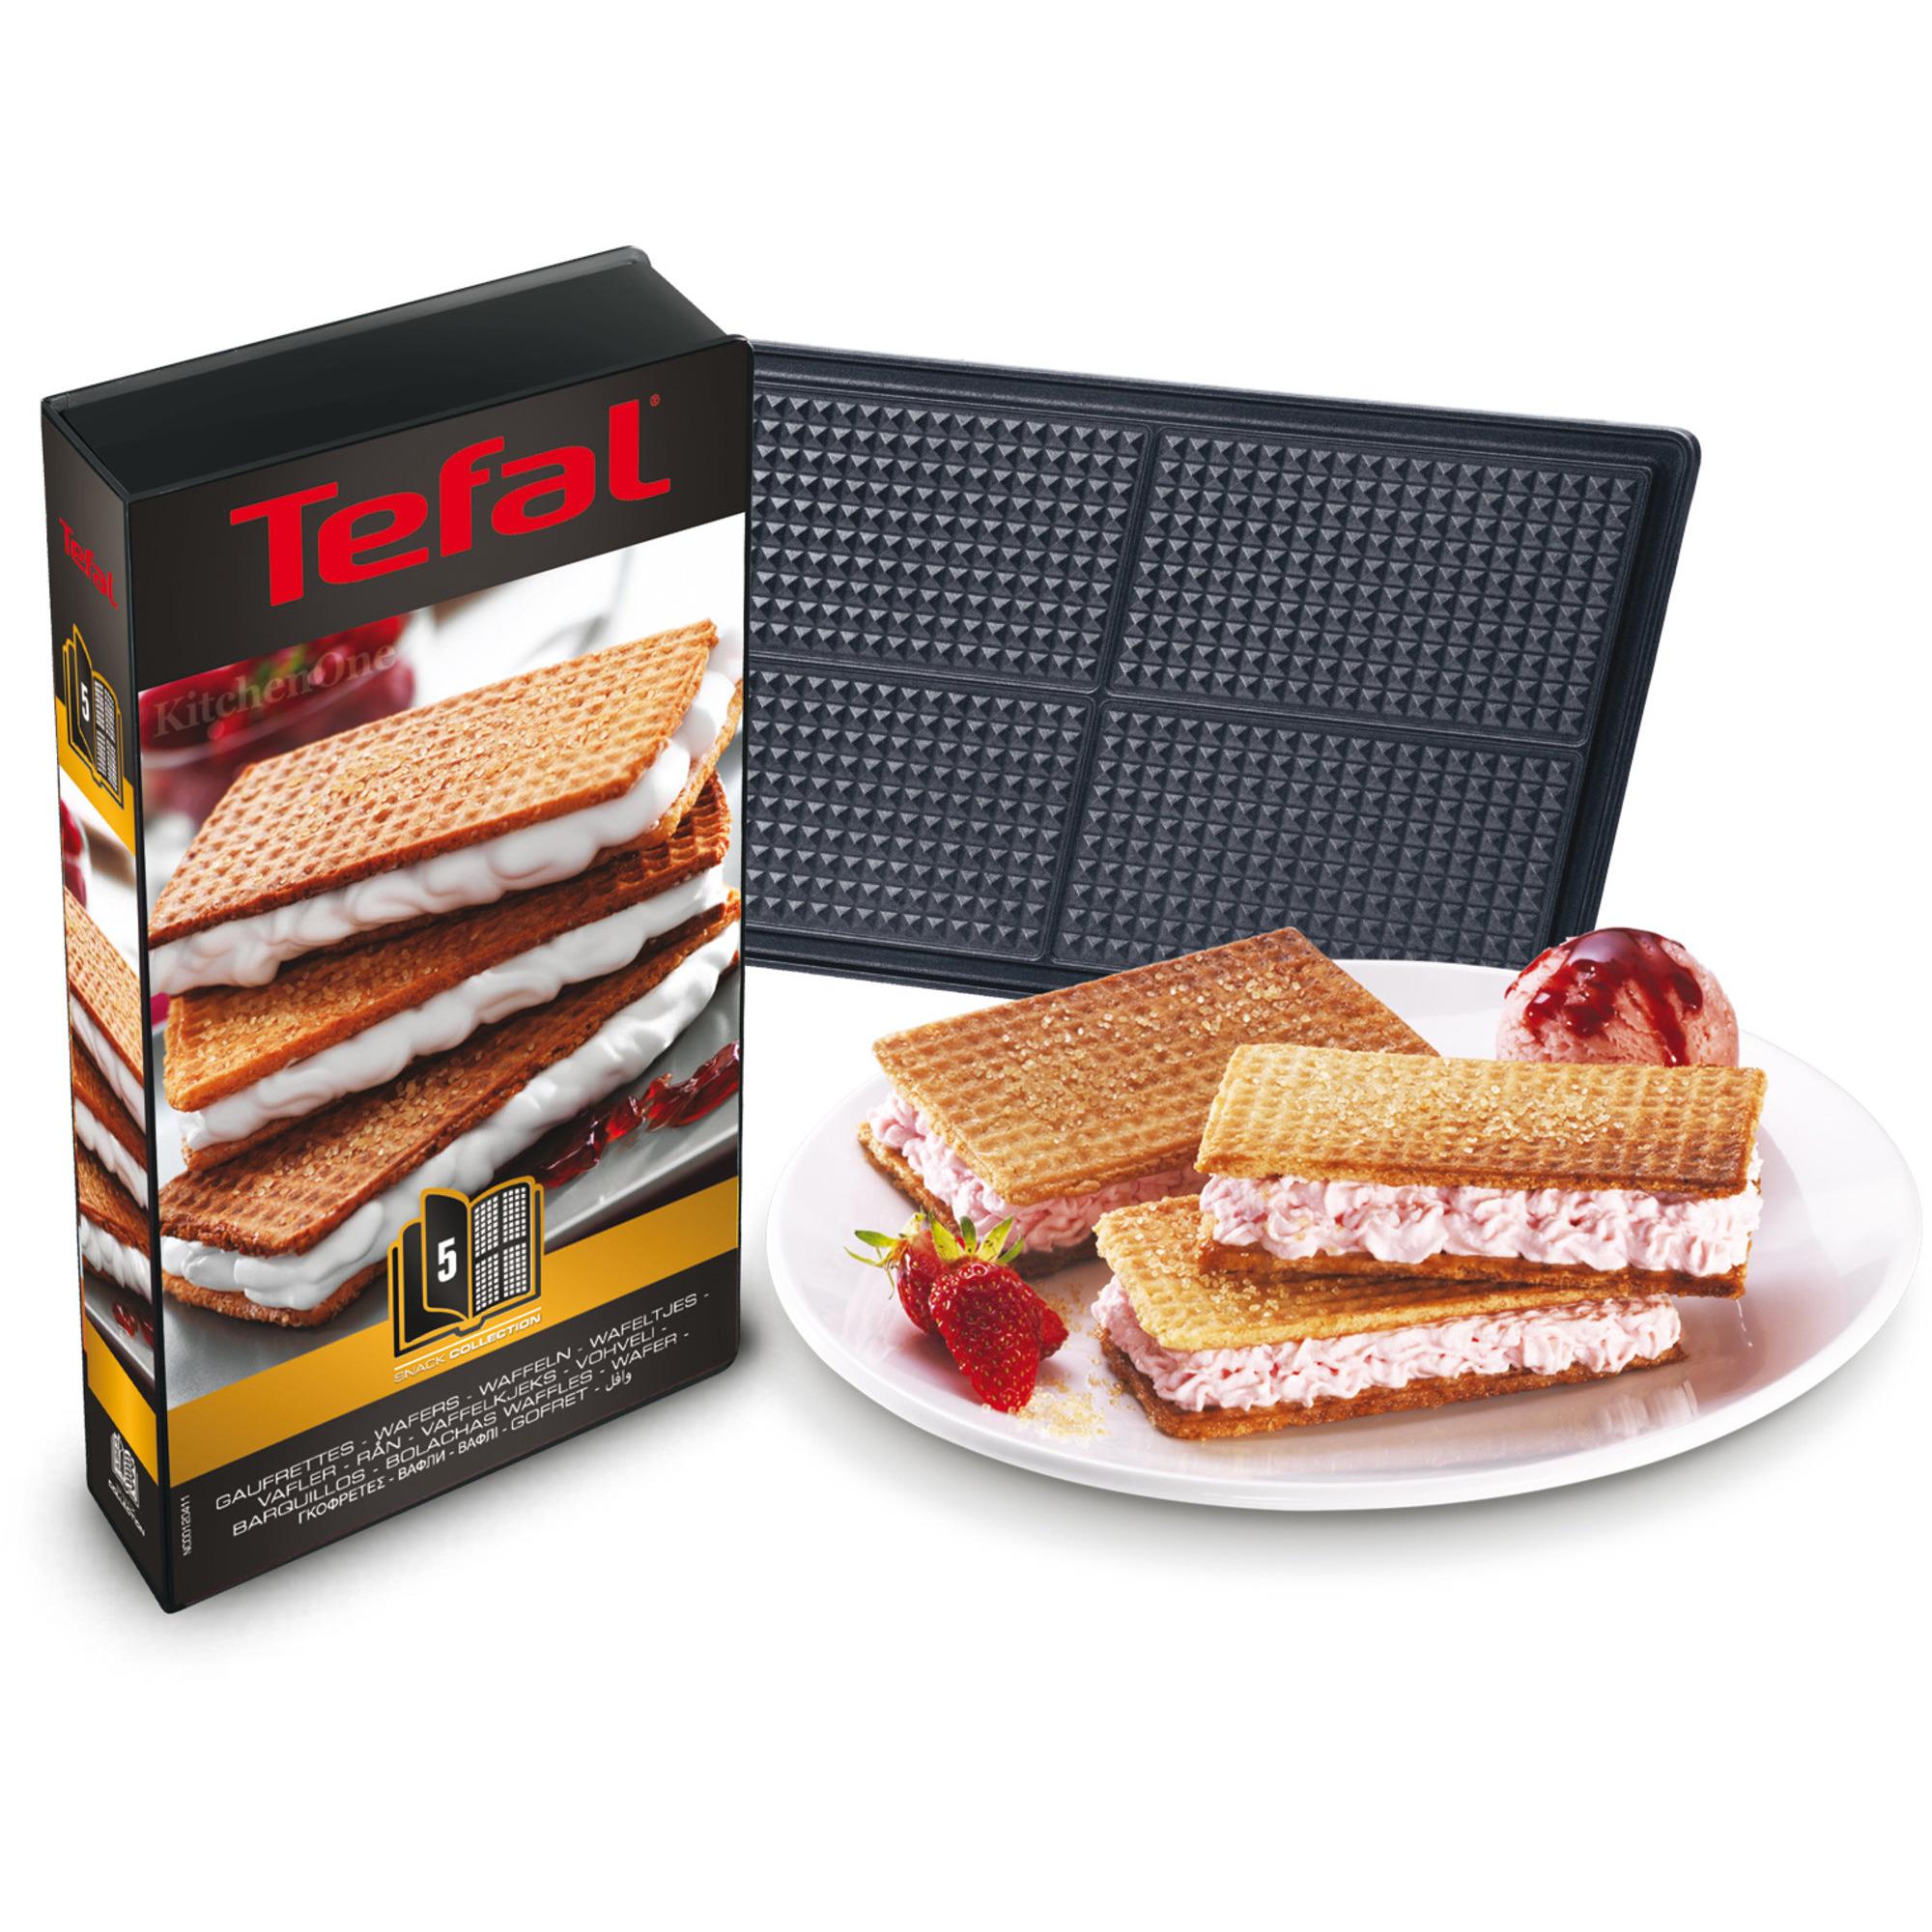 Utroligt Bestil Snack Collection plader: Vafler (5) fra Tefal DK55